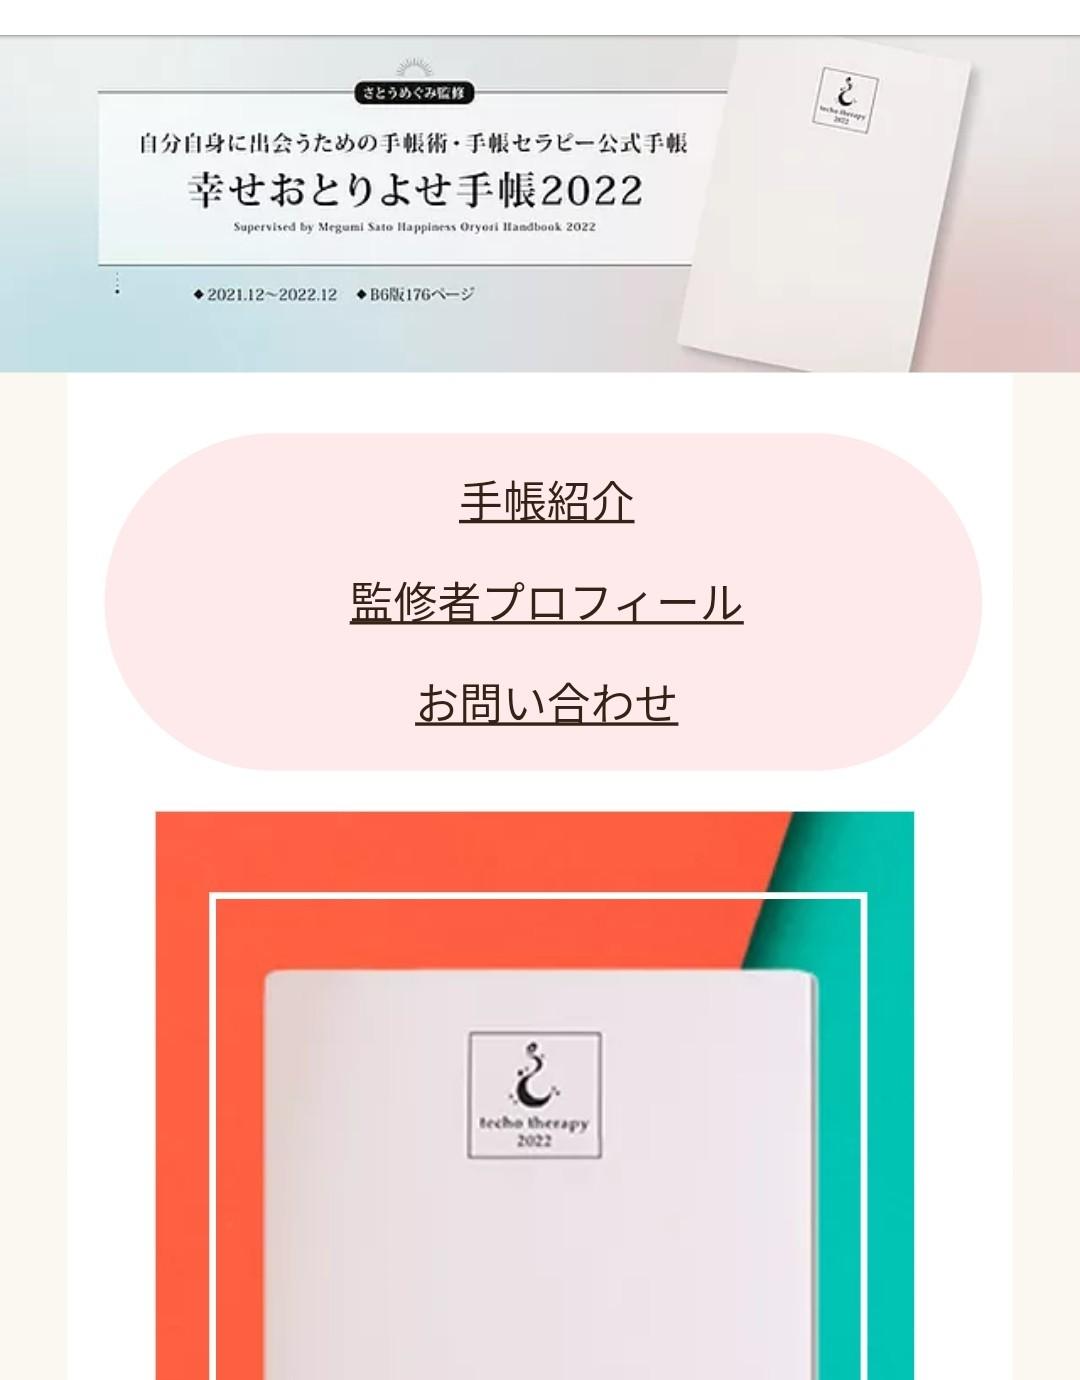 【お知らせ】Amazonにて発売開始❗「幸せおとりよせ手帳2022」_f0164842_19095816.jpg